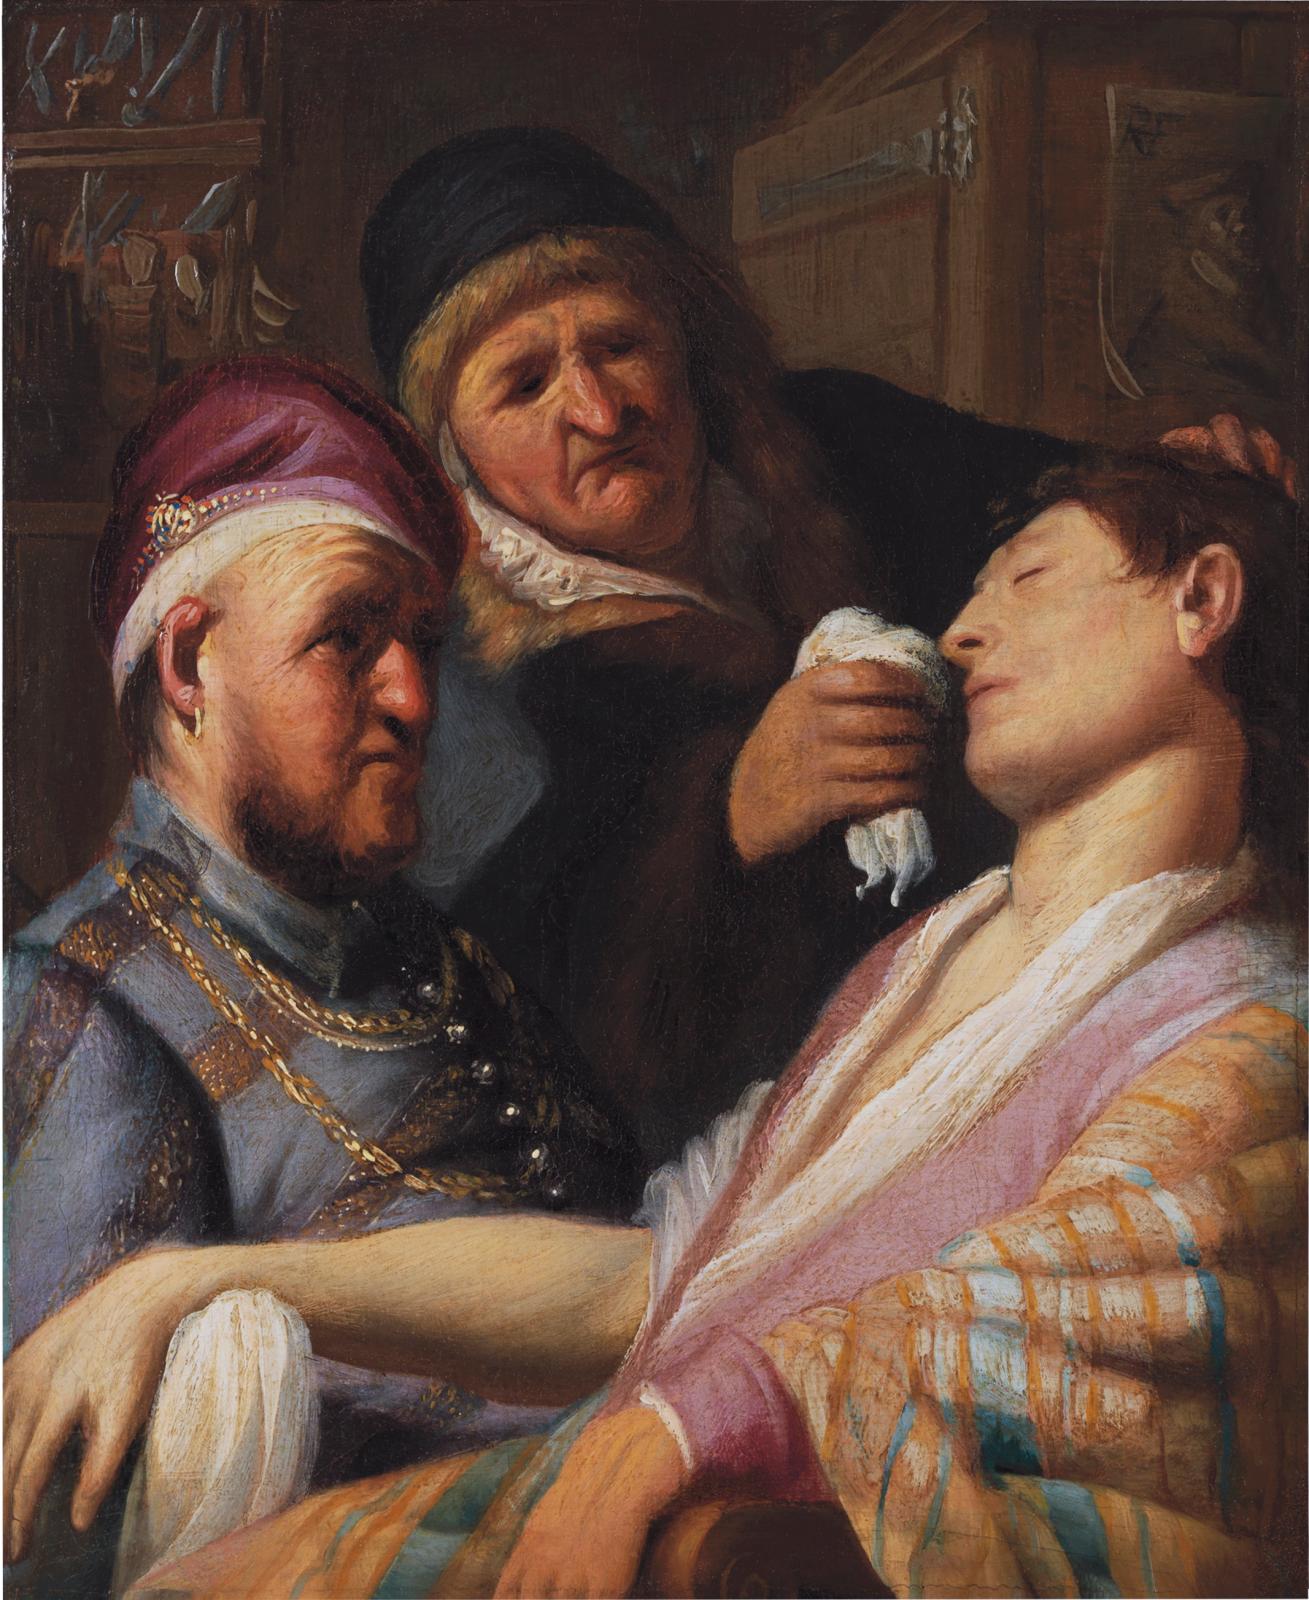 Rembrandt (1606-1669), L'Odorat ou Le Patient inconscient, vers 1624-1625, huile sur panneau. 21,6x17,8cm (détail). Collection Leiden,